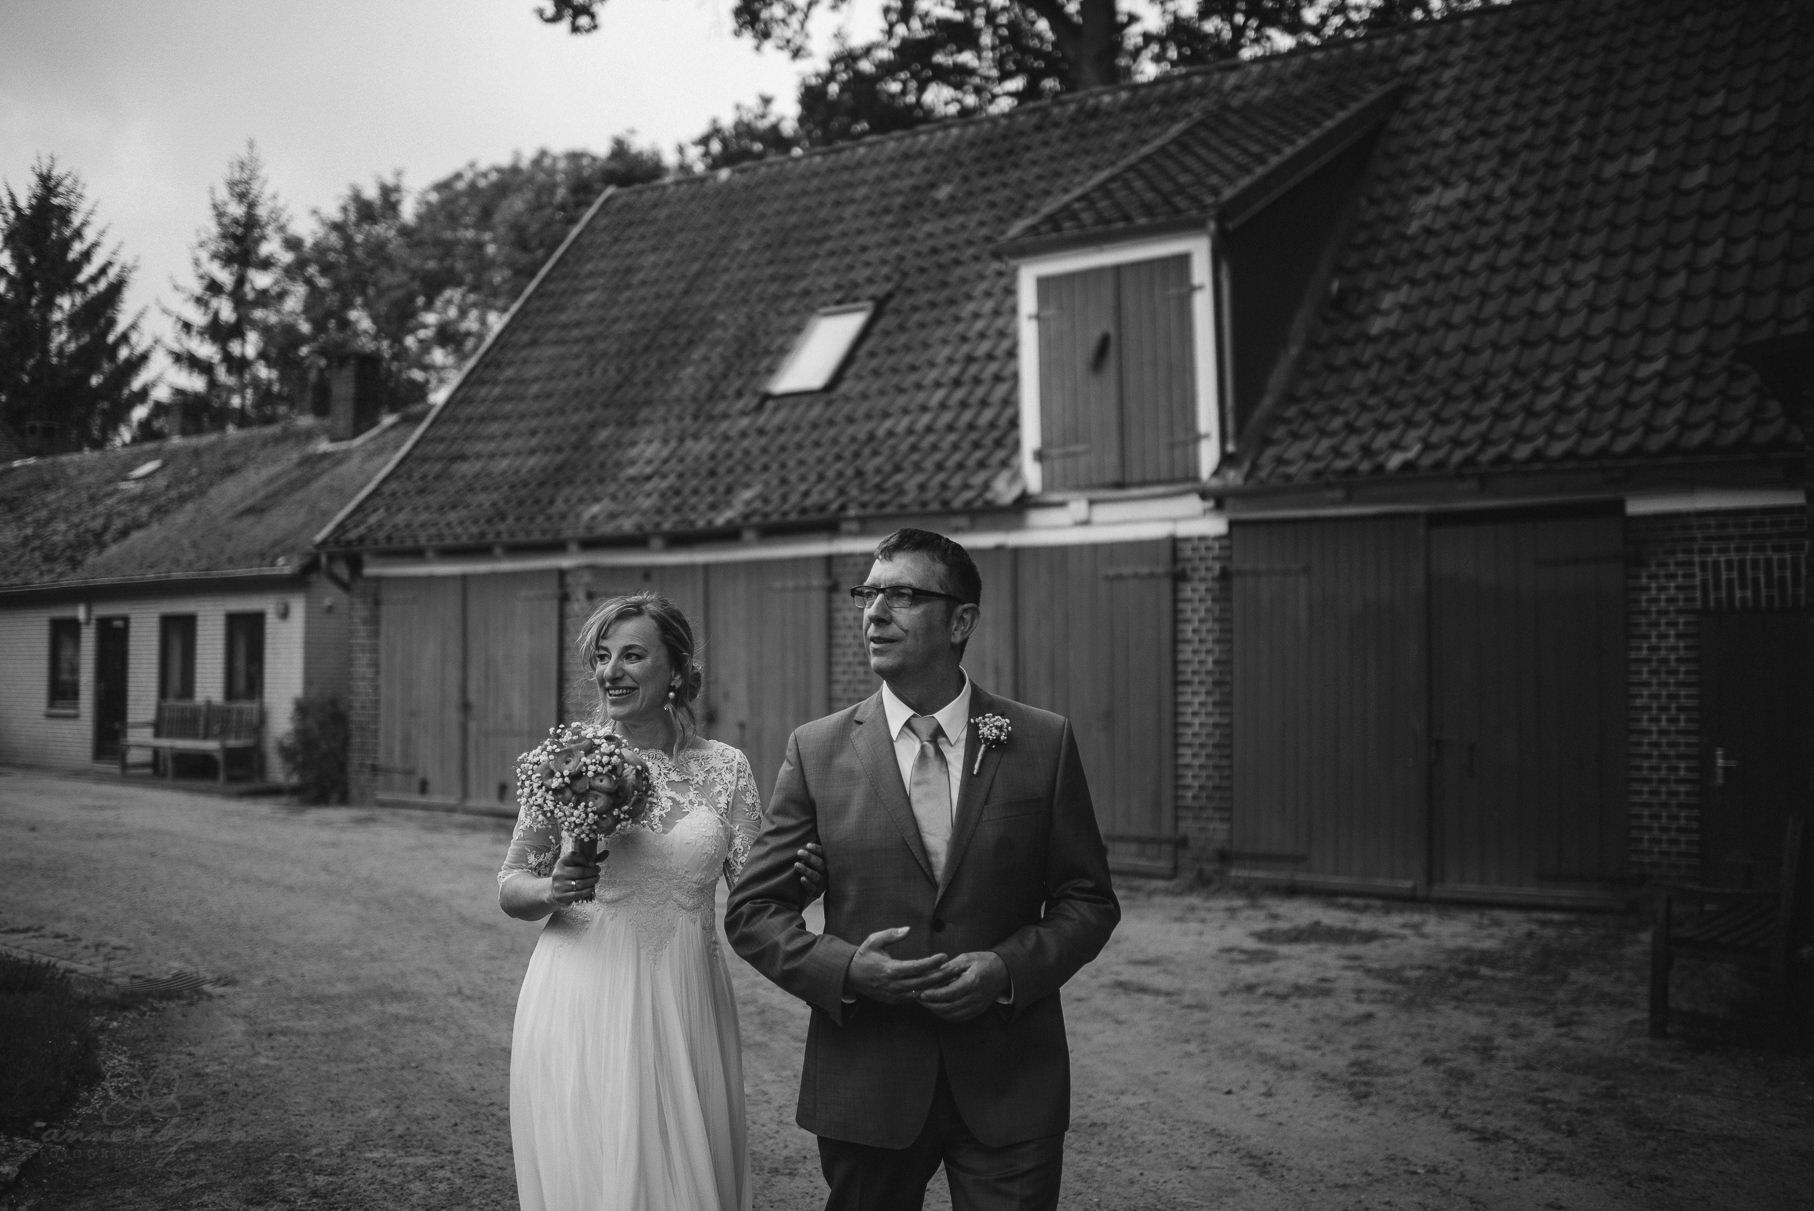 0081 anne und bjoern Manu und Sven D75 0042 1 - DIY Hochzeit im Erdhaus auf dem alten Land - Manuela & Sven